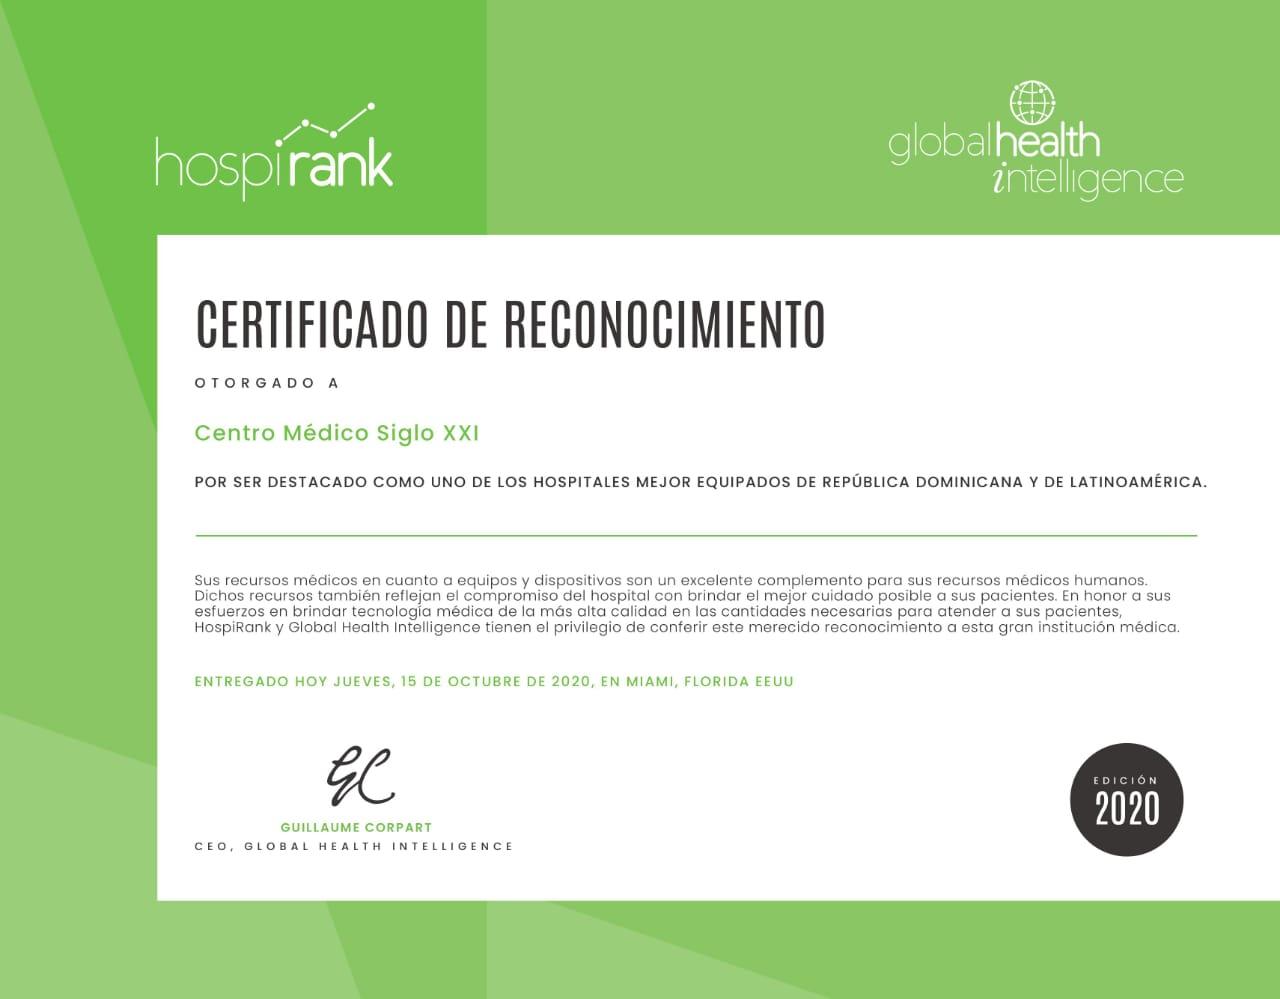 Reconocen Centro Médico Siglo 21 mejor equipado America Latina, por HospiRank y Global Health Intelligence